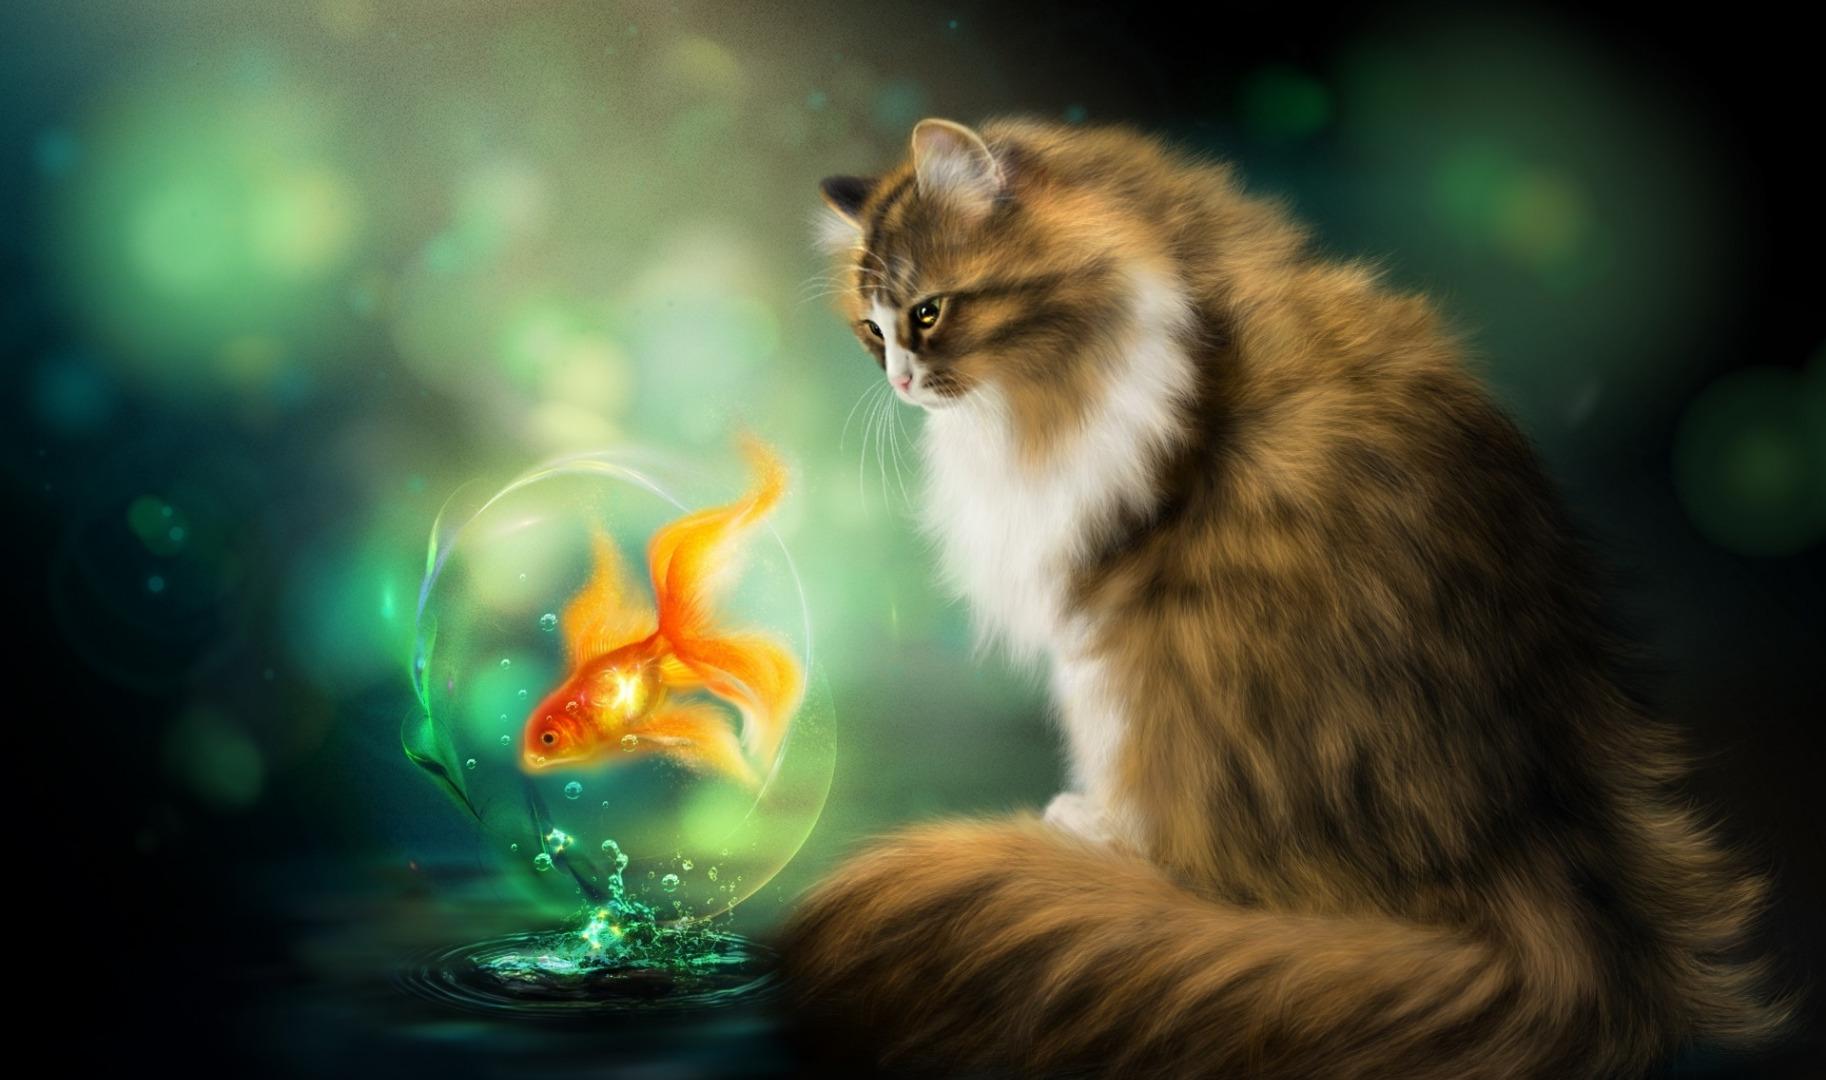 кошки фантастические картинки девке захотелось